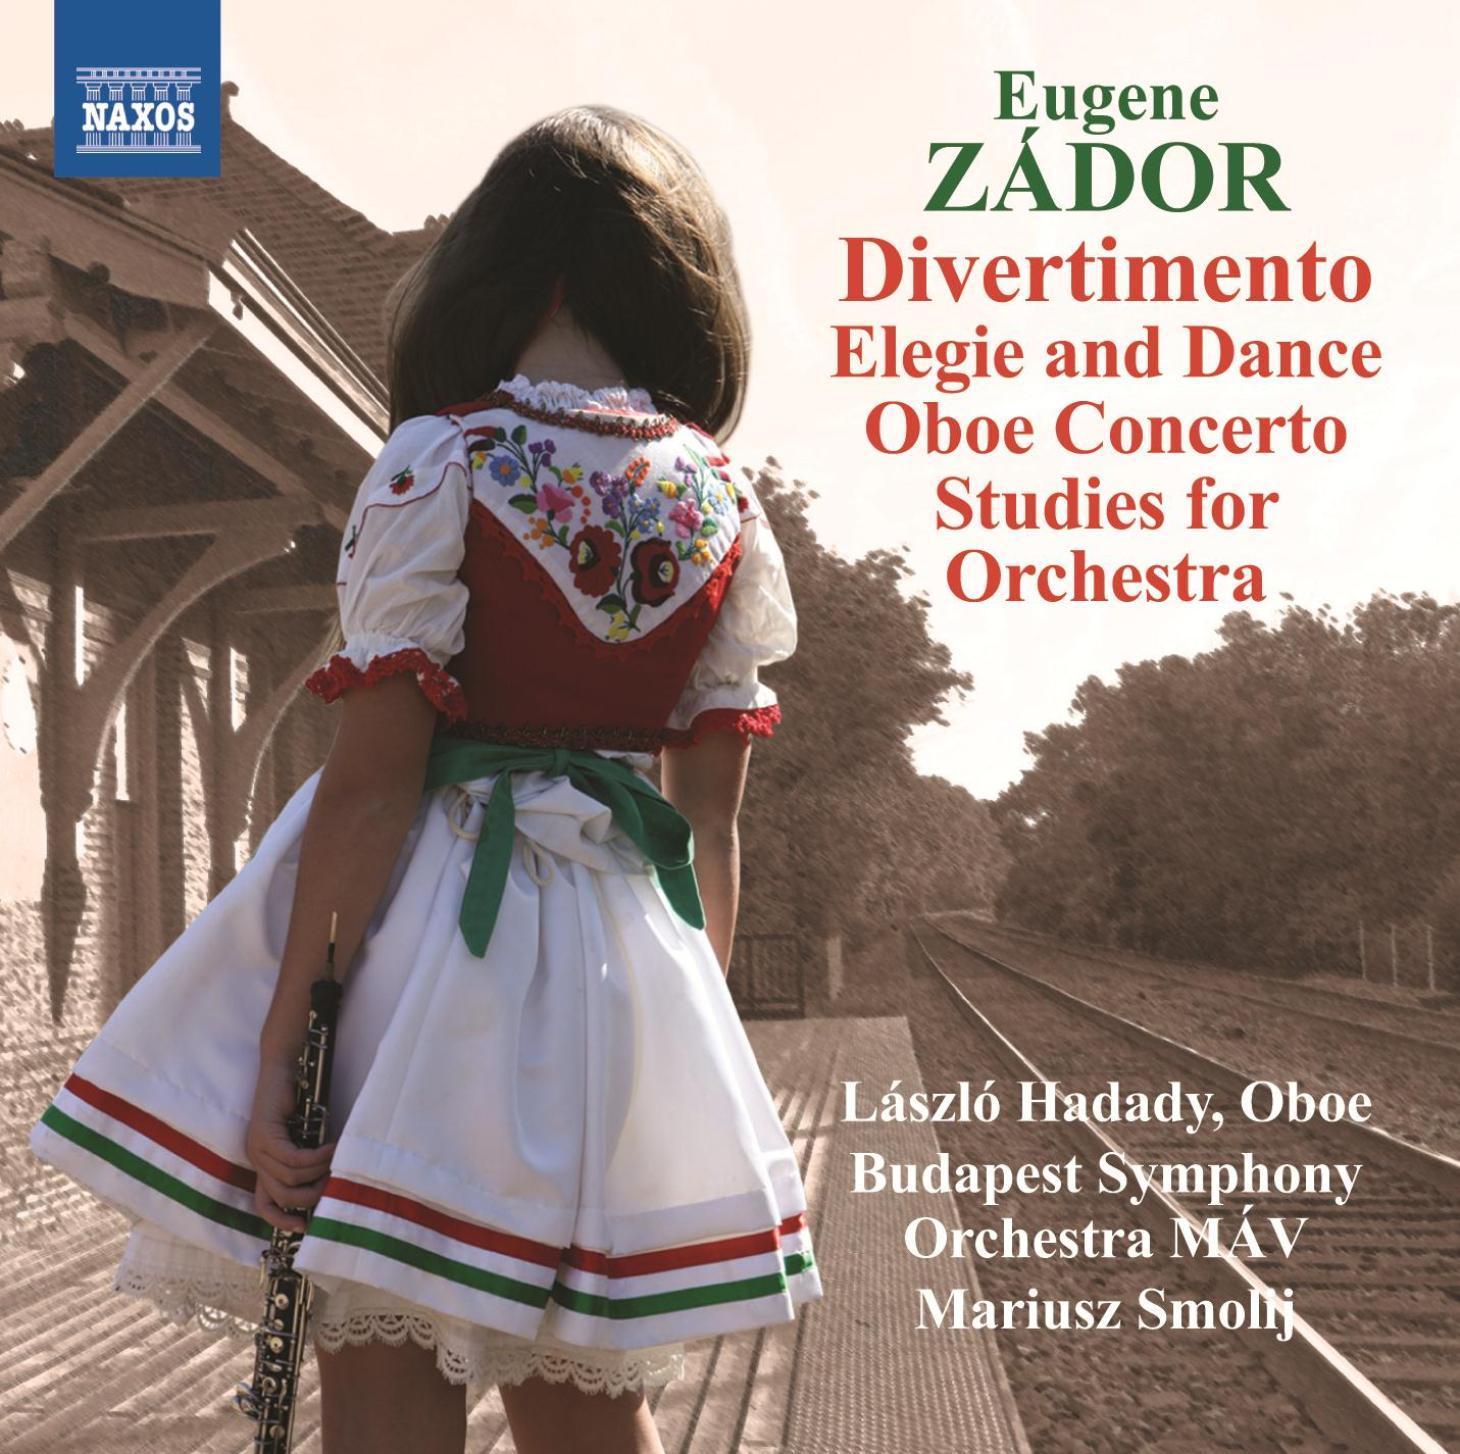 Zádor: Divertimento - Elegie and Dance